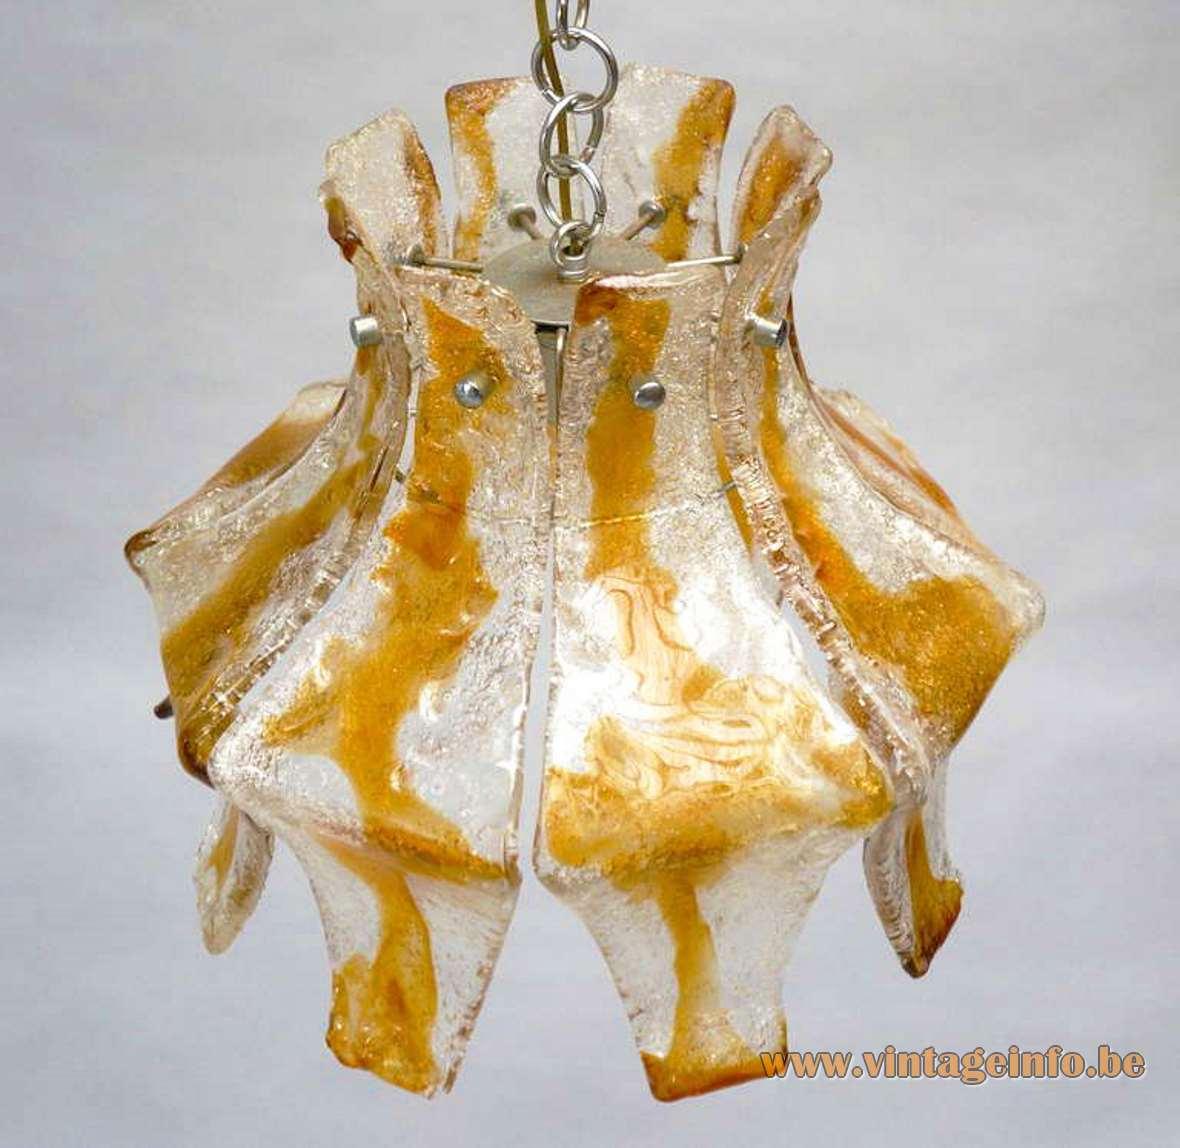 AV Mazzega Amber Foliate Pendant Lamp